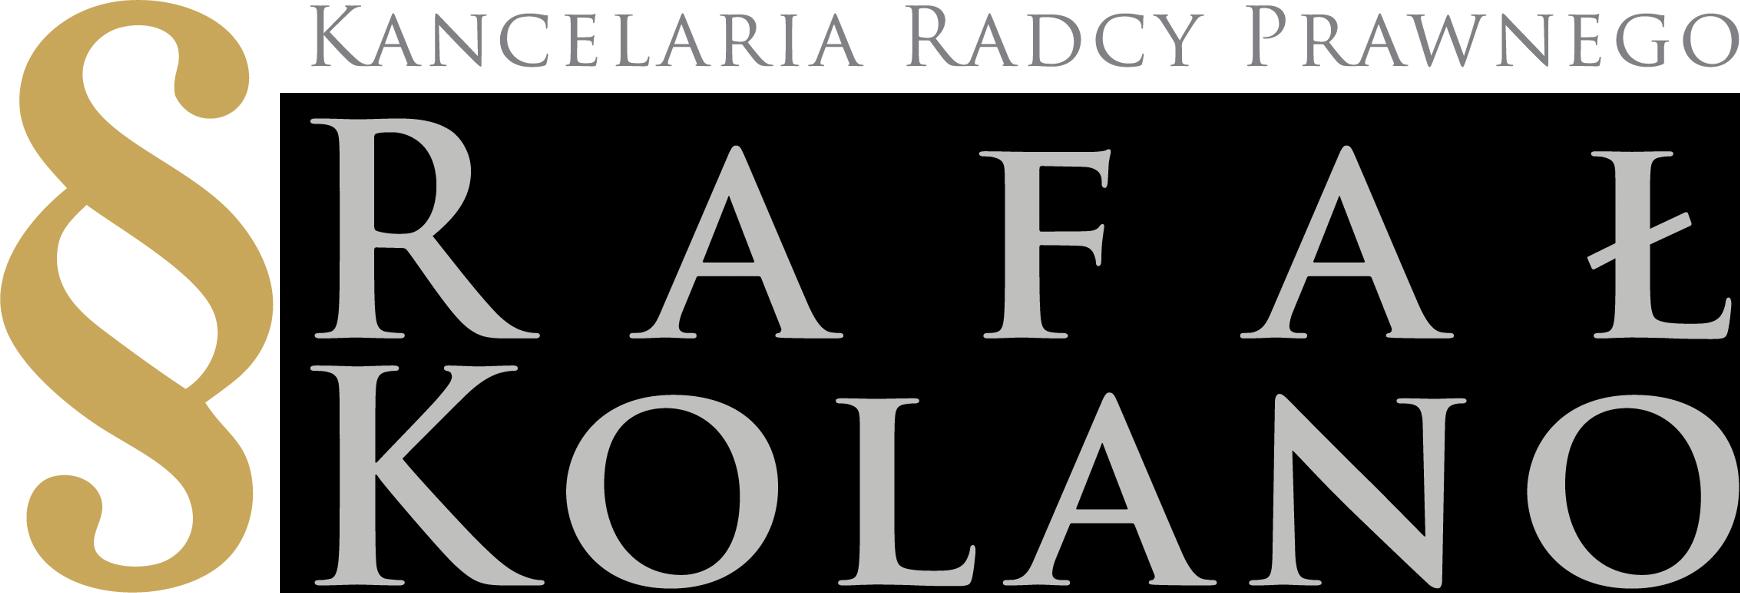 Kancelaria radcy prawnego Rafał Kolano